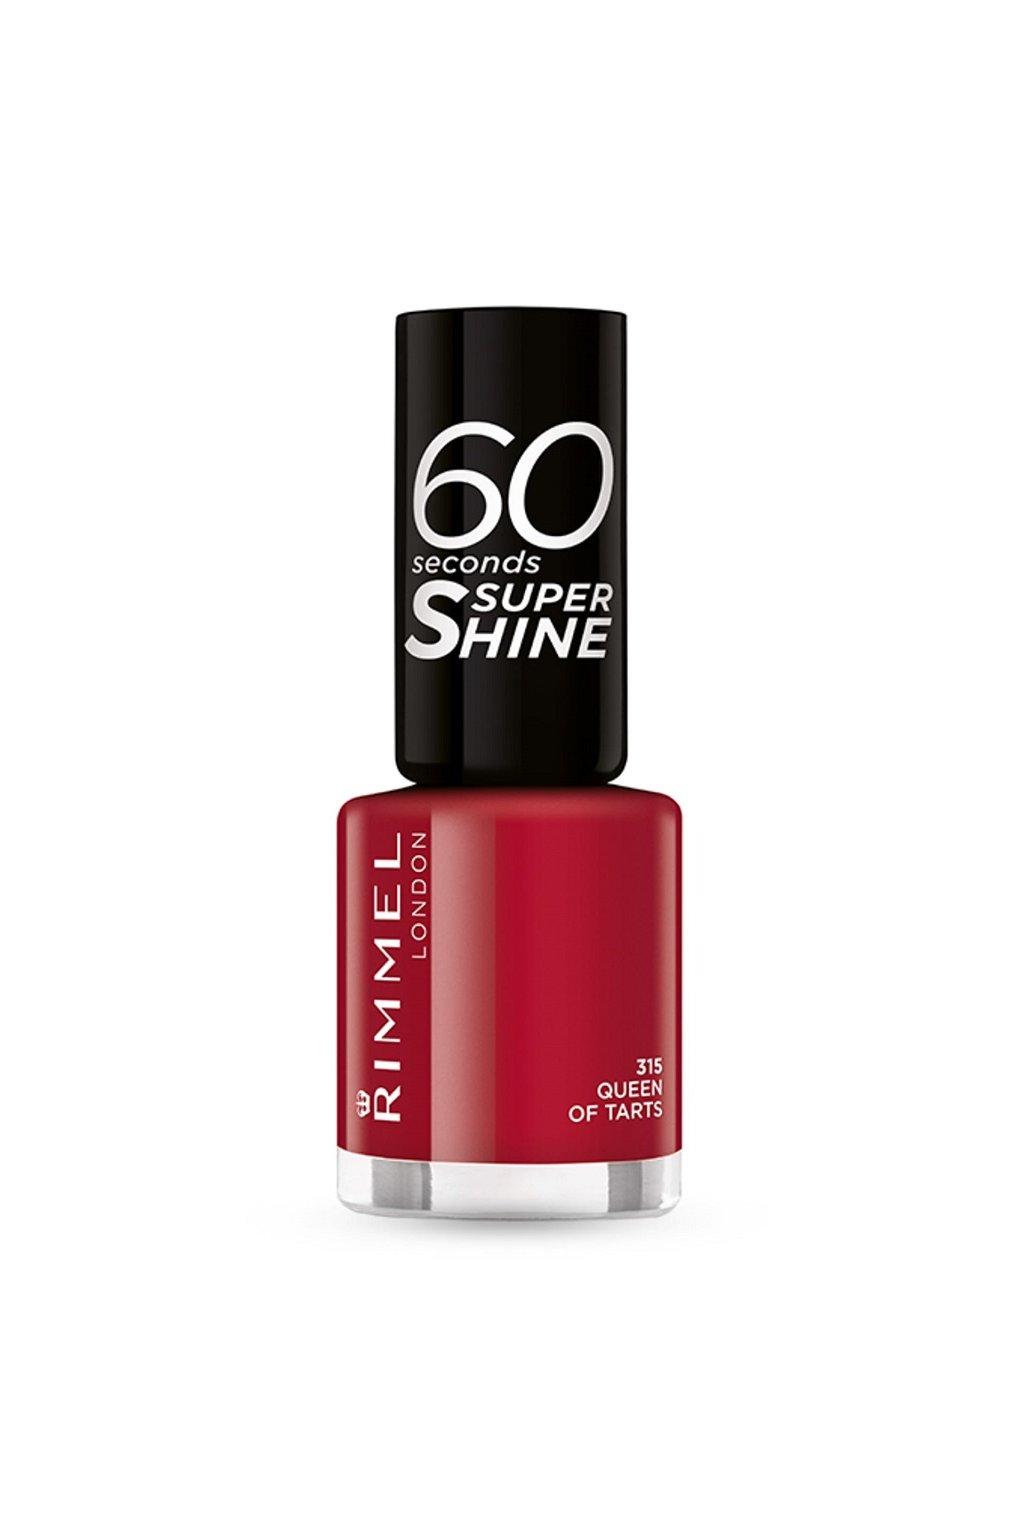 Rimmel 60 Seconds Super Shine Lilite